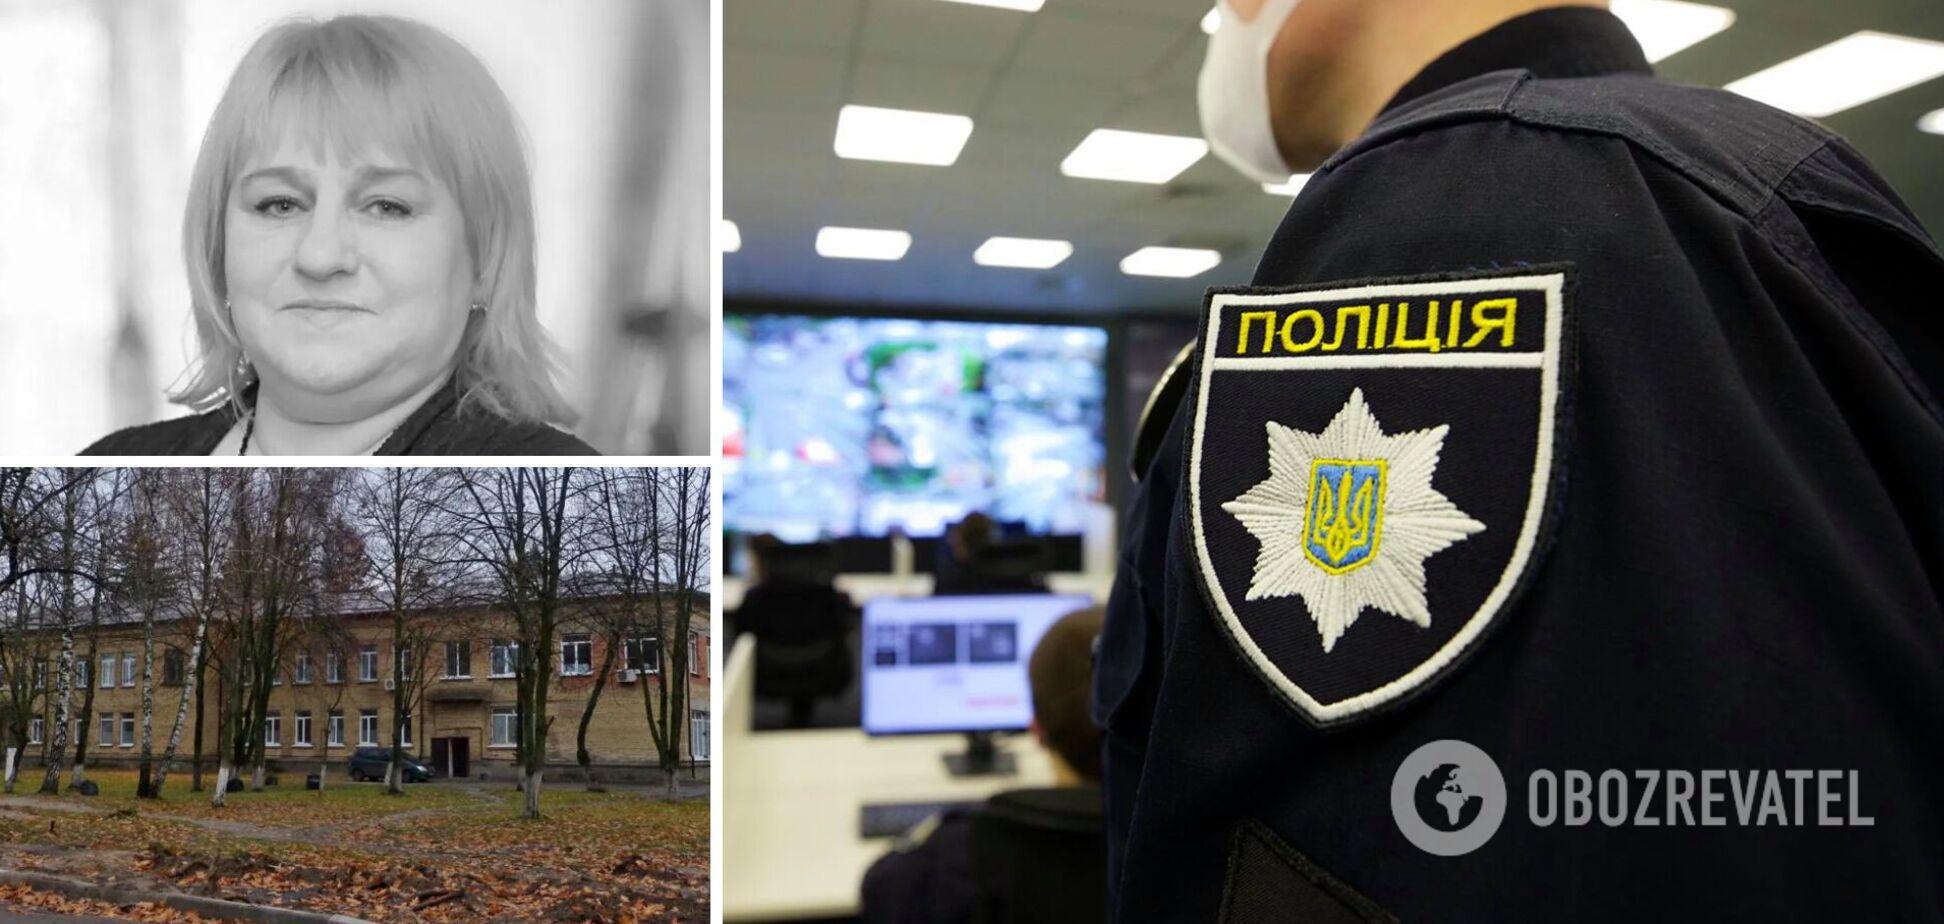 Жінка померла під стінами лікарні, медики їй відмовили: винних у трагедії під Києвом не покарали